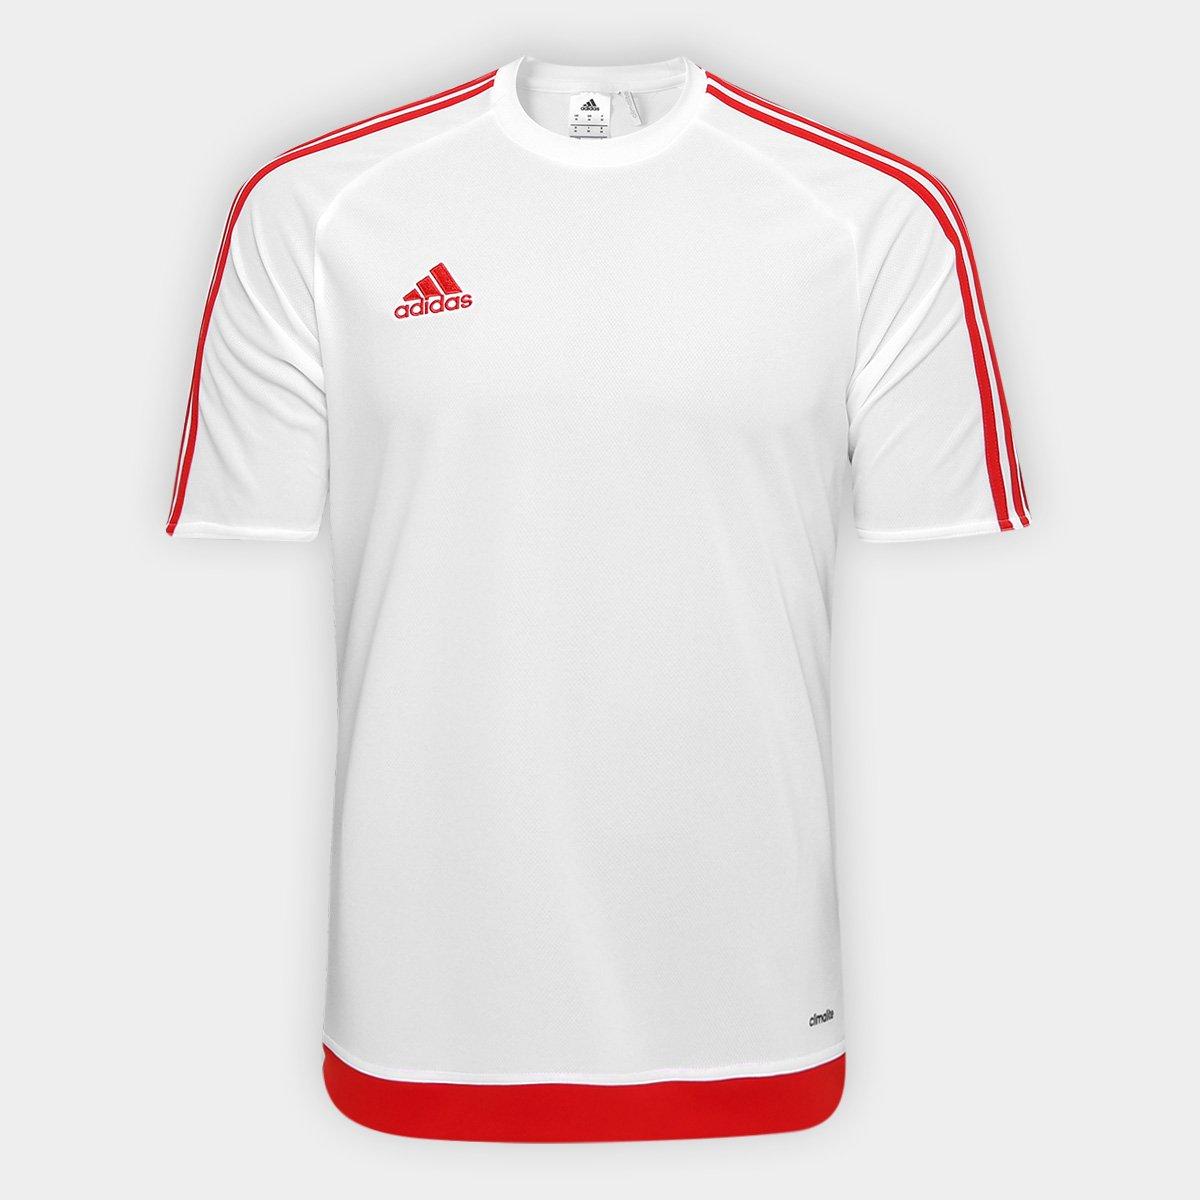 a16800fd3aa Camisa Adidas Estro 15 Masculina - Branco e Vermelho - Compre Agora ...